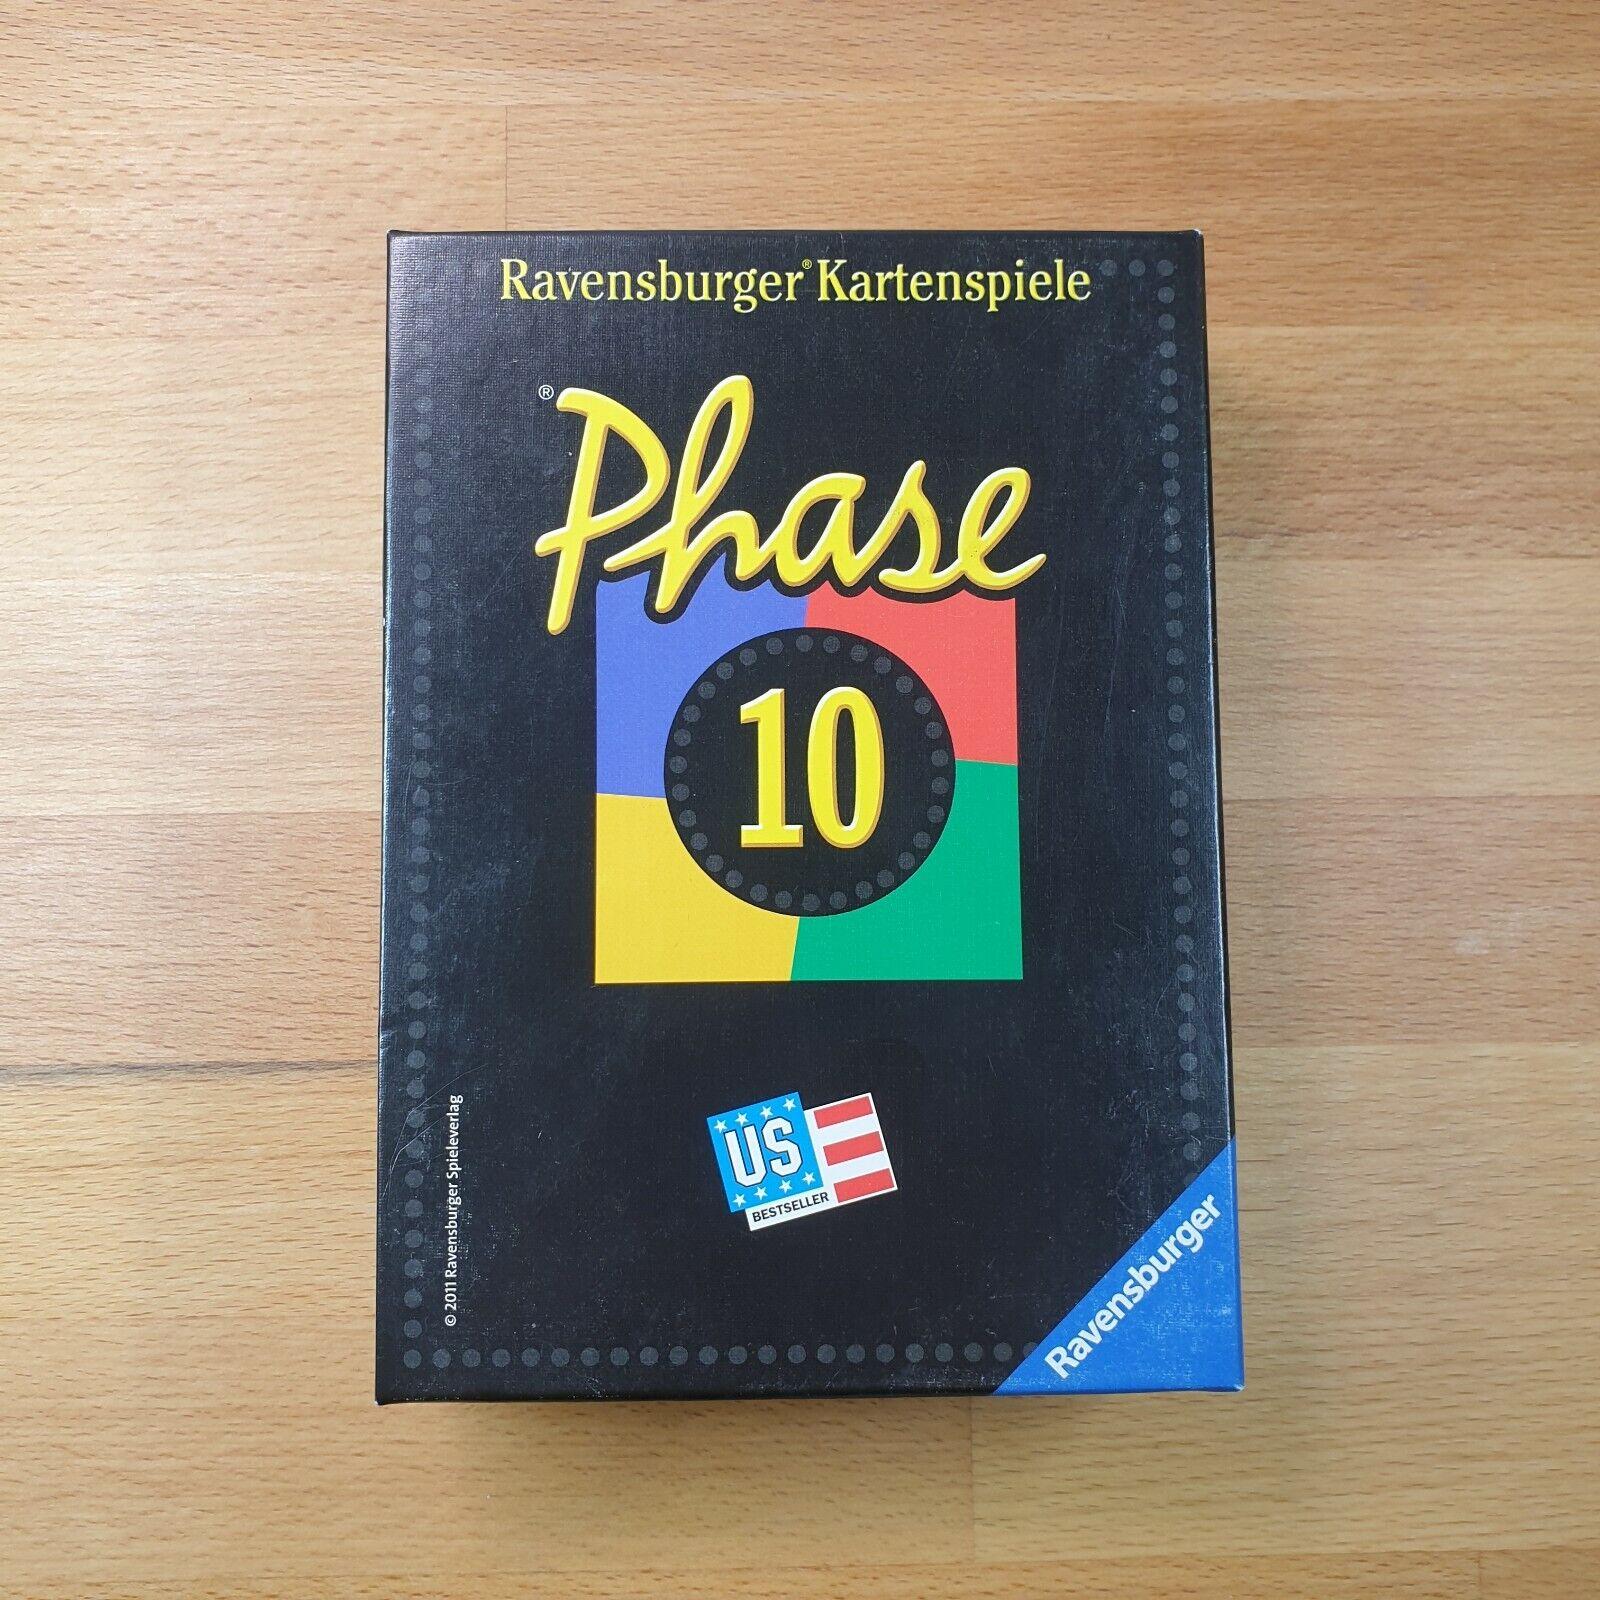 Phase 10 RAVENSBURGER - Kartenspiel - komplett